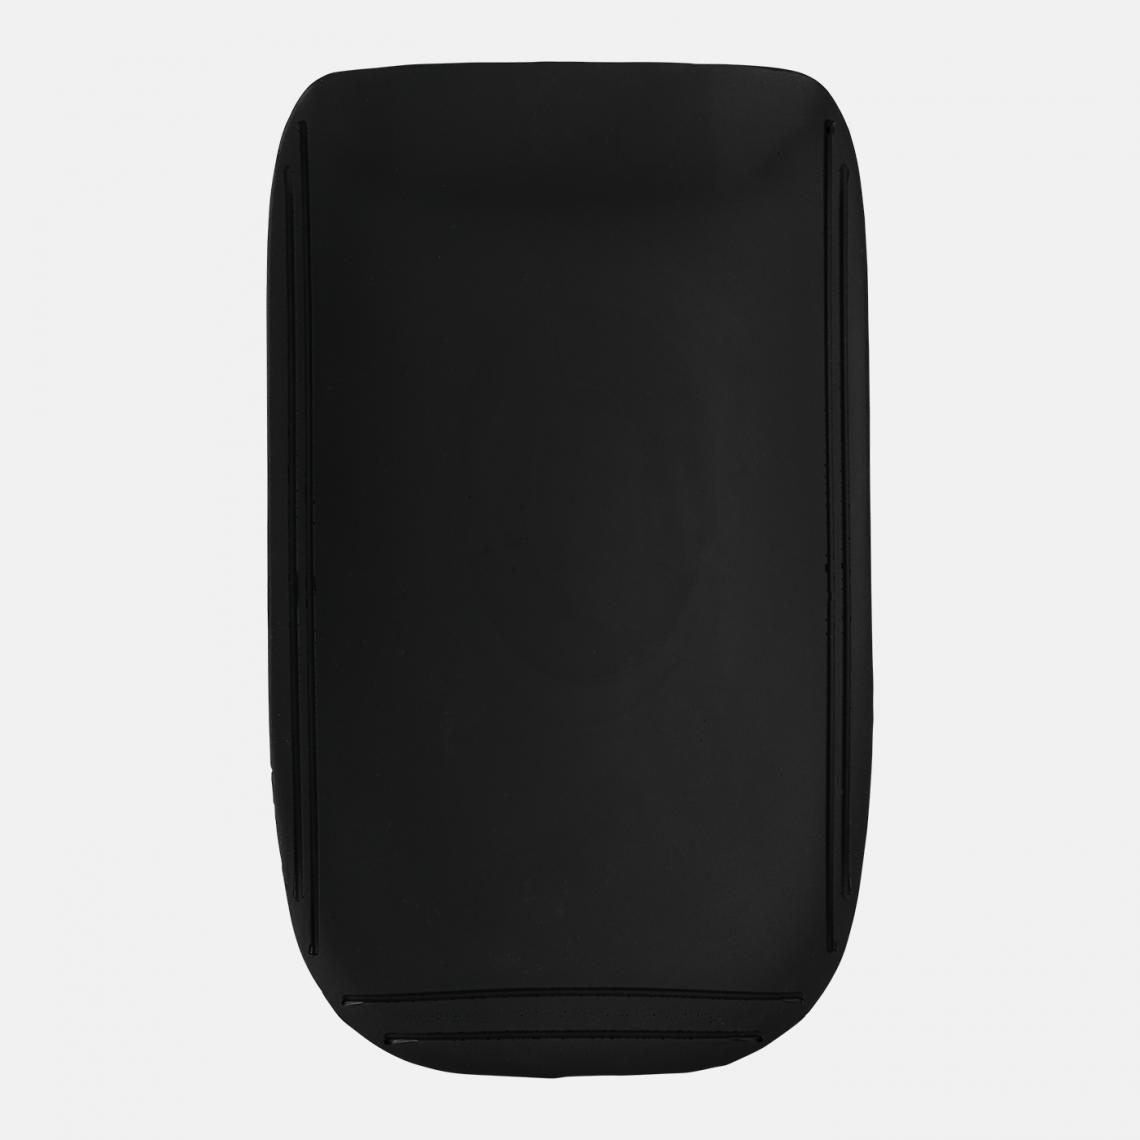 Knäskydd som optimera skydd, passform och komfort